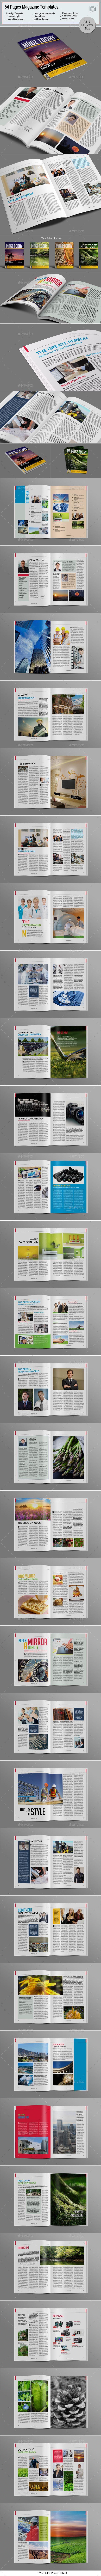 64 Pages Magazine Templates | Diseño editorial y Editorial